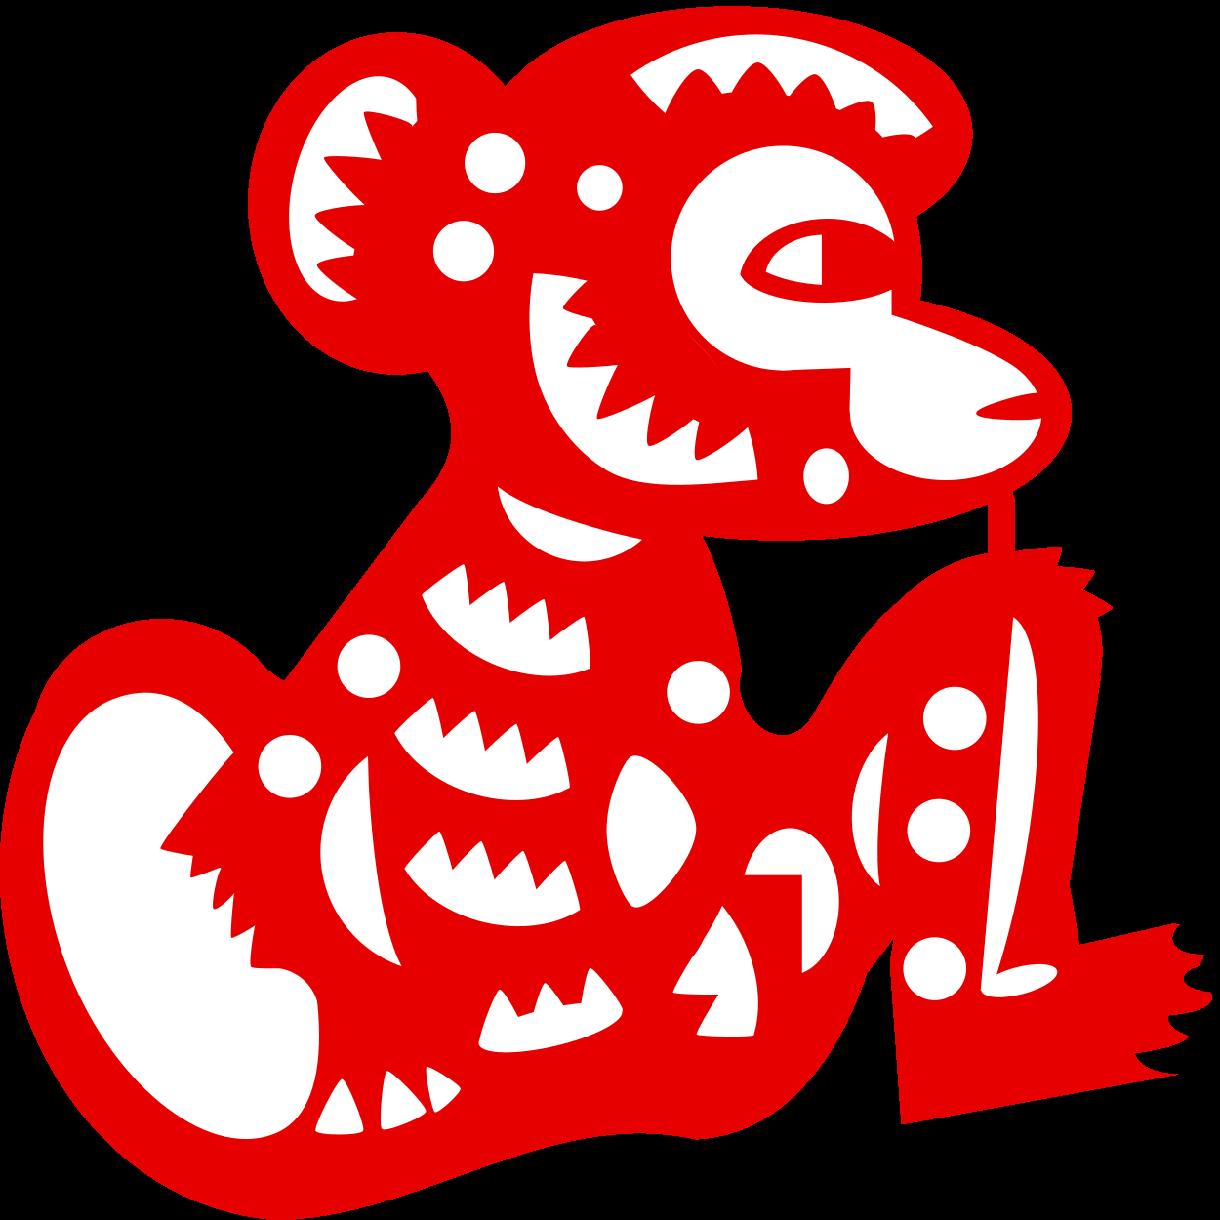 中国切り絵風のデザインします 他とは一味違った個性的なデザインを求めている方へ